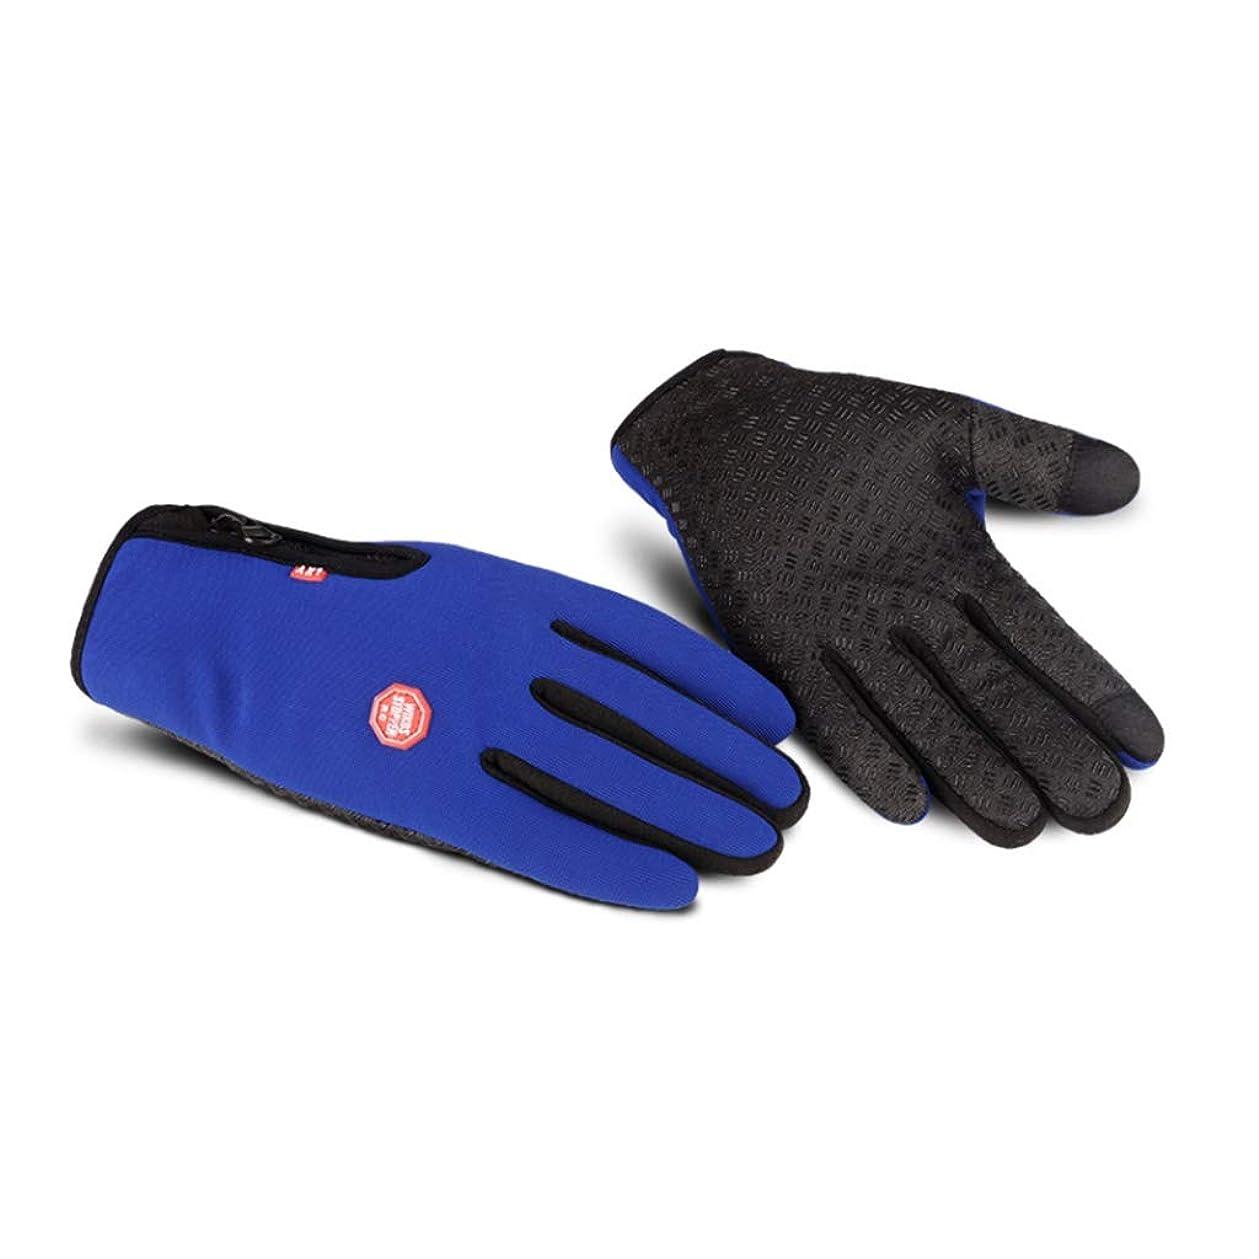 バングラデシュかんがいルーフ手袋の男性の秋と冬の自転車電動バイクの女性のタッチスクリーンはすべて防風ノンスリップ暖かいコールドプラスベルベット弾性手袋ワンサイズ青